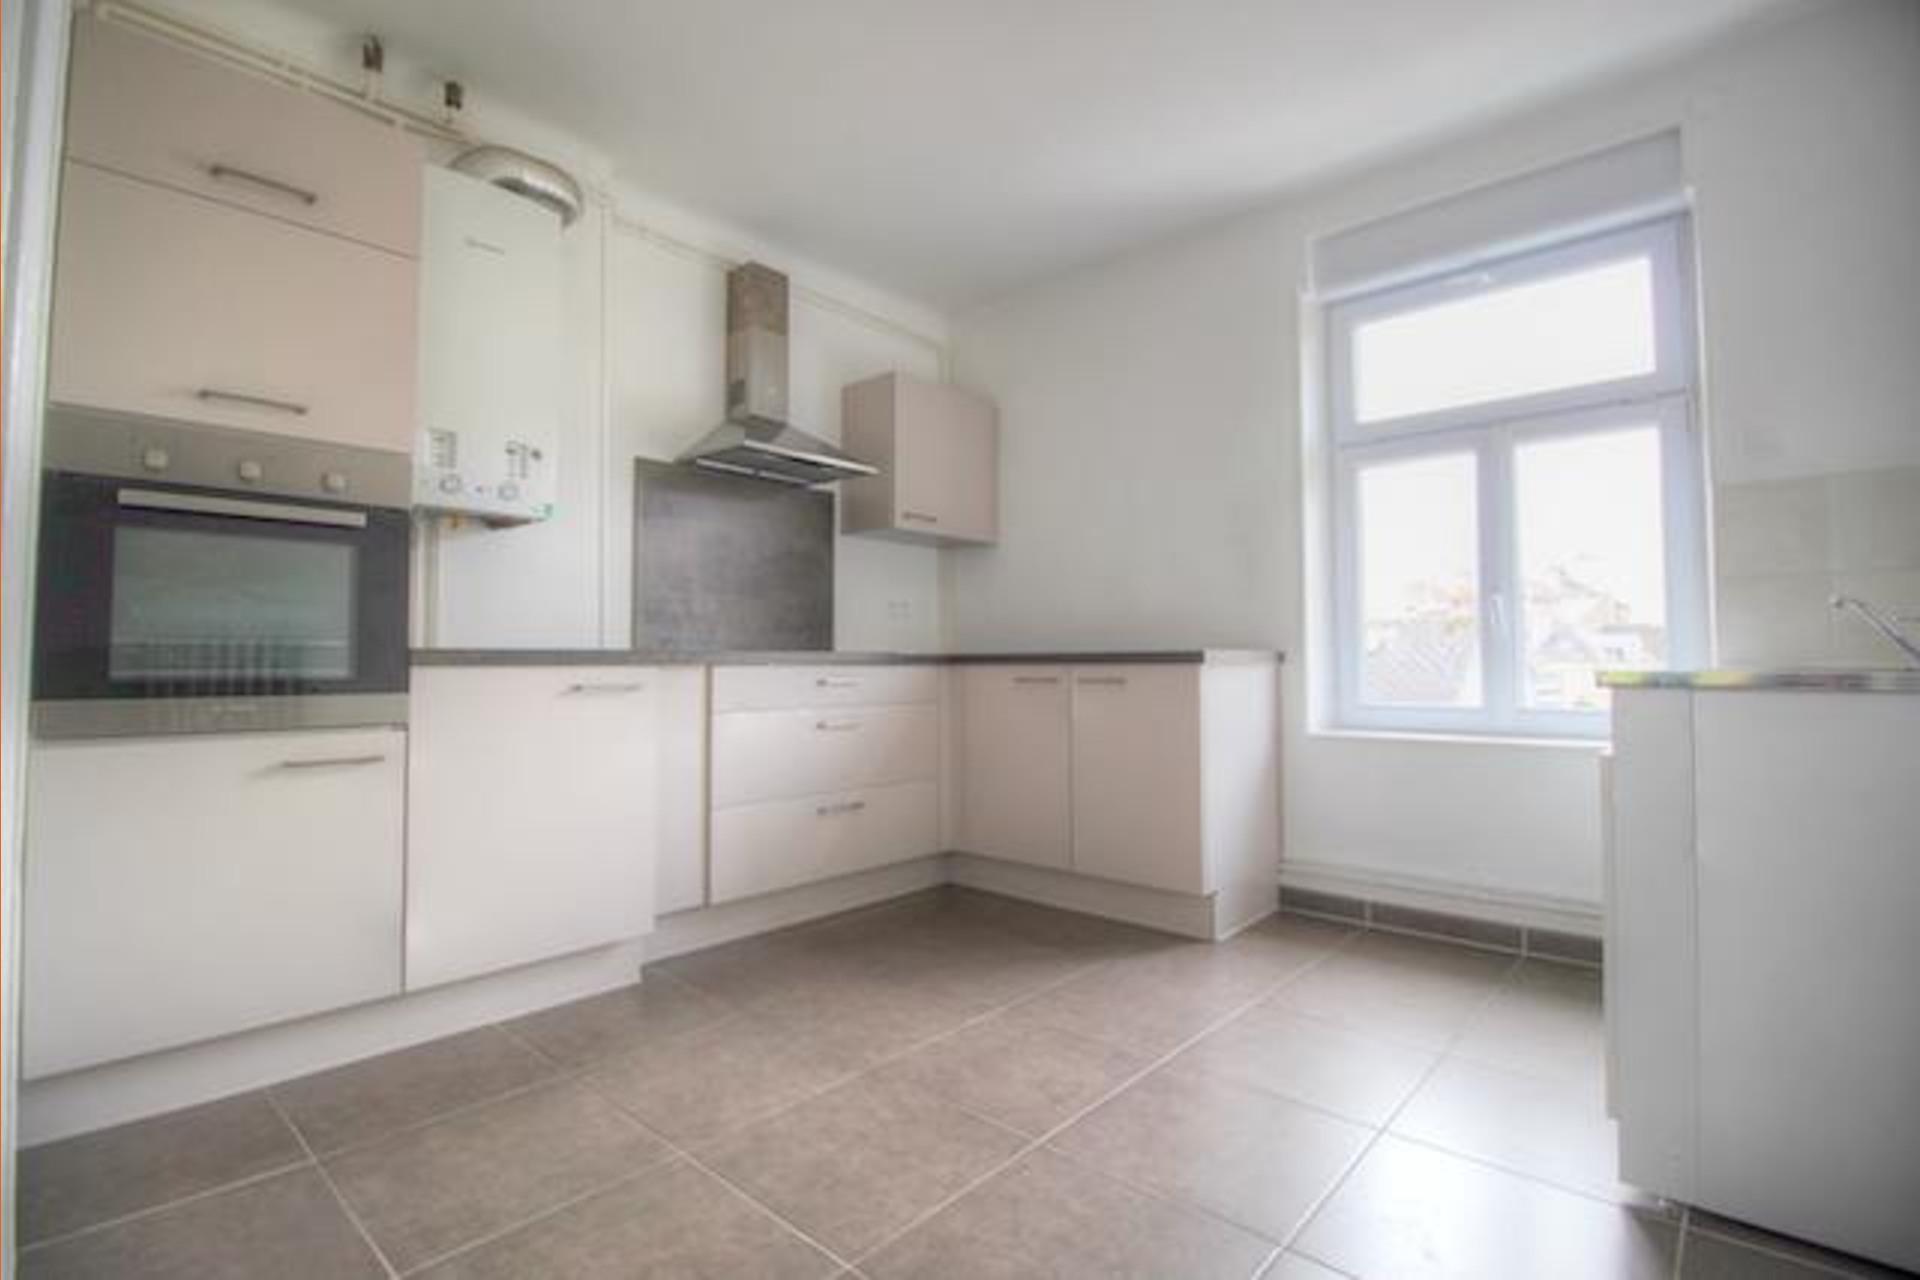 image 1 - Appartement À louer Metz